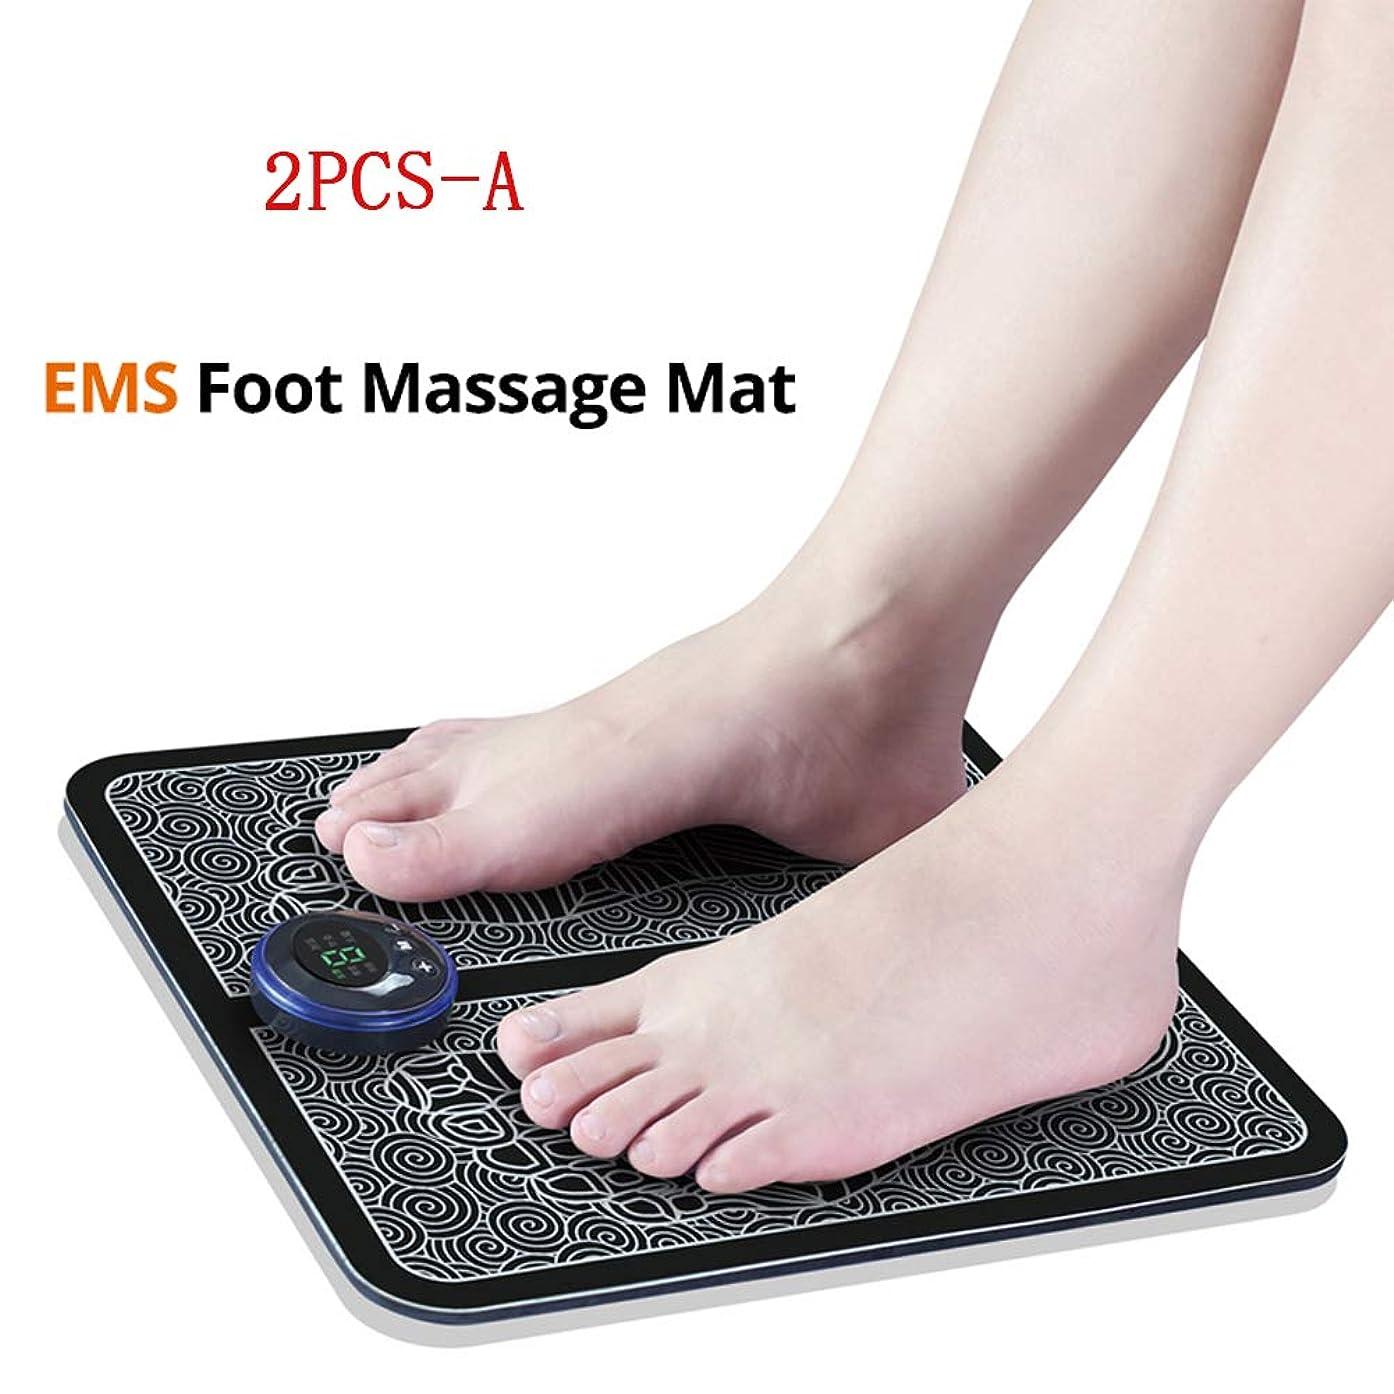 十代シーン待つEMSスマートフットマッサージパッド、フットマッサージャー、足指圧療法、血液循環の促進、筋肉痛の緩和、男性と女性用、2個,A